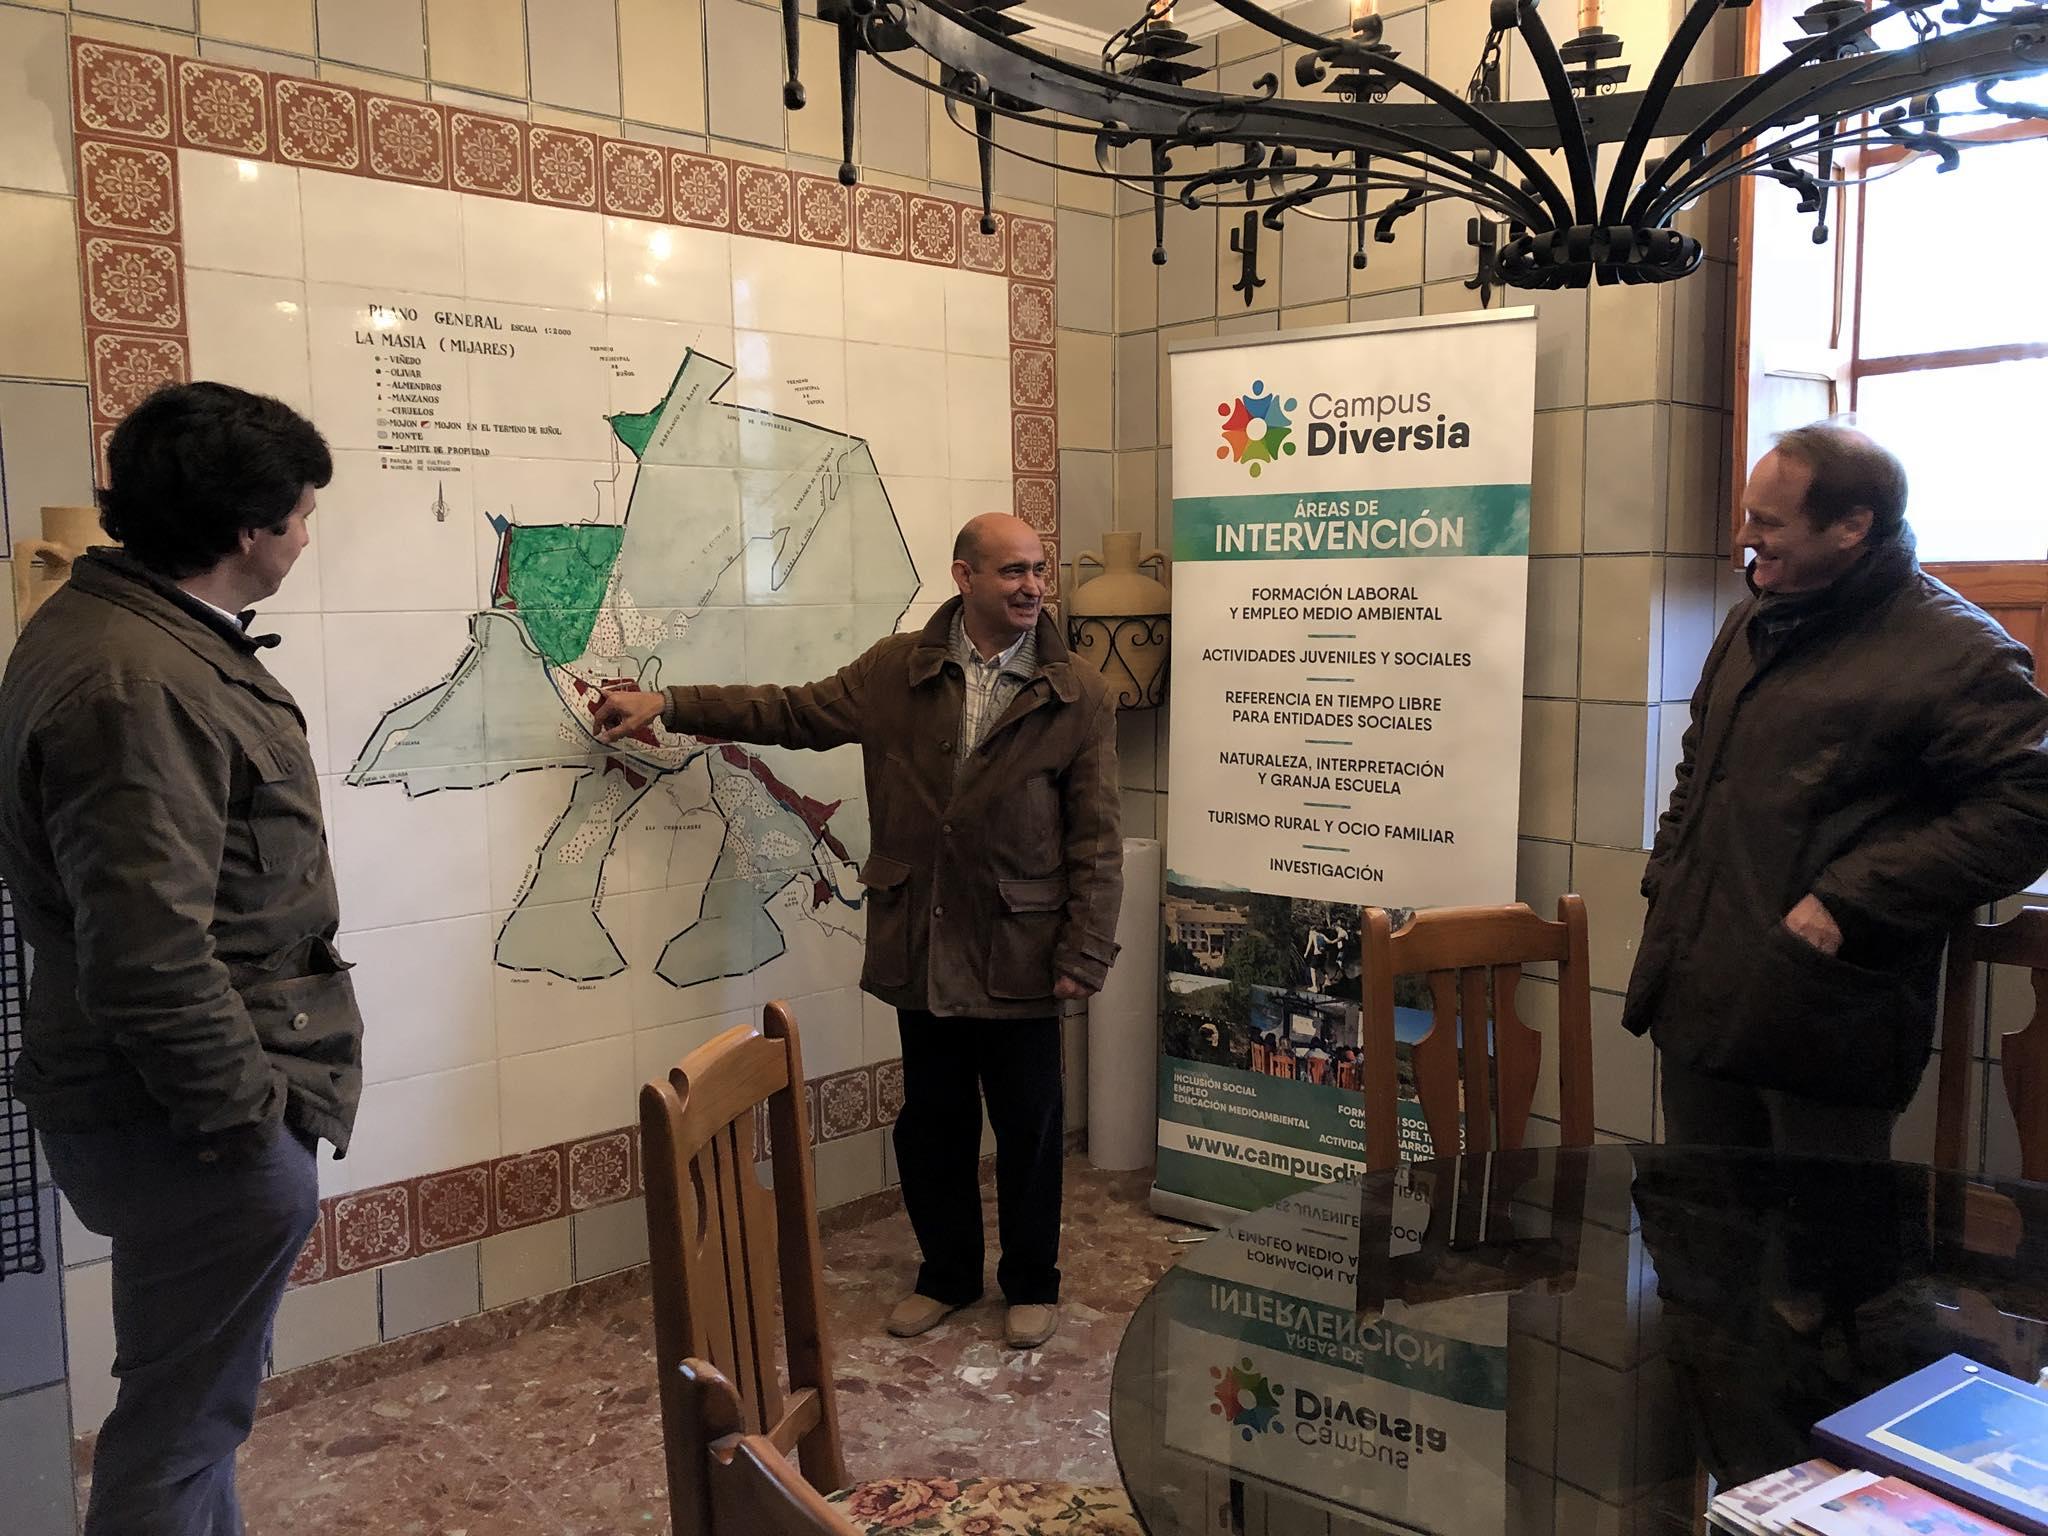 Hoy tuvimos la visita de Javier García y Bruno Sánchez de Fundación Botín para conocer el proyecto del Campus Diversia Asociación Amica. Gracias por el encuentro y haber saboreado la primera cata de nuestro aceite ecológico! #CompartiendoCapacidades #TalentoSolidario